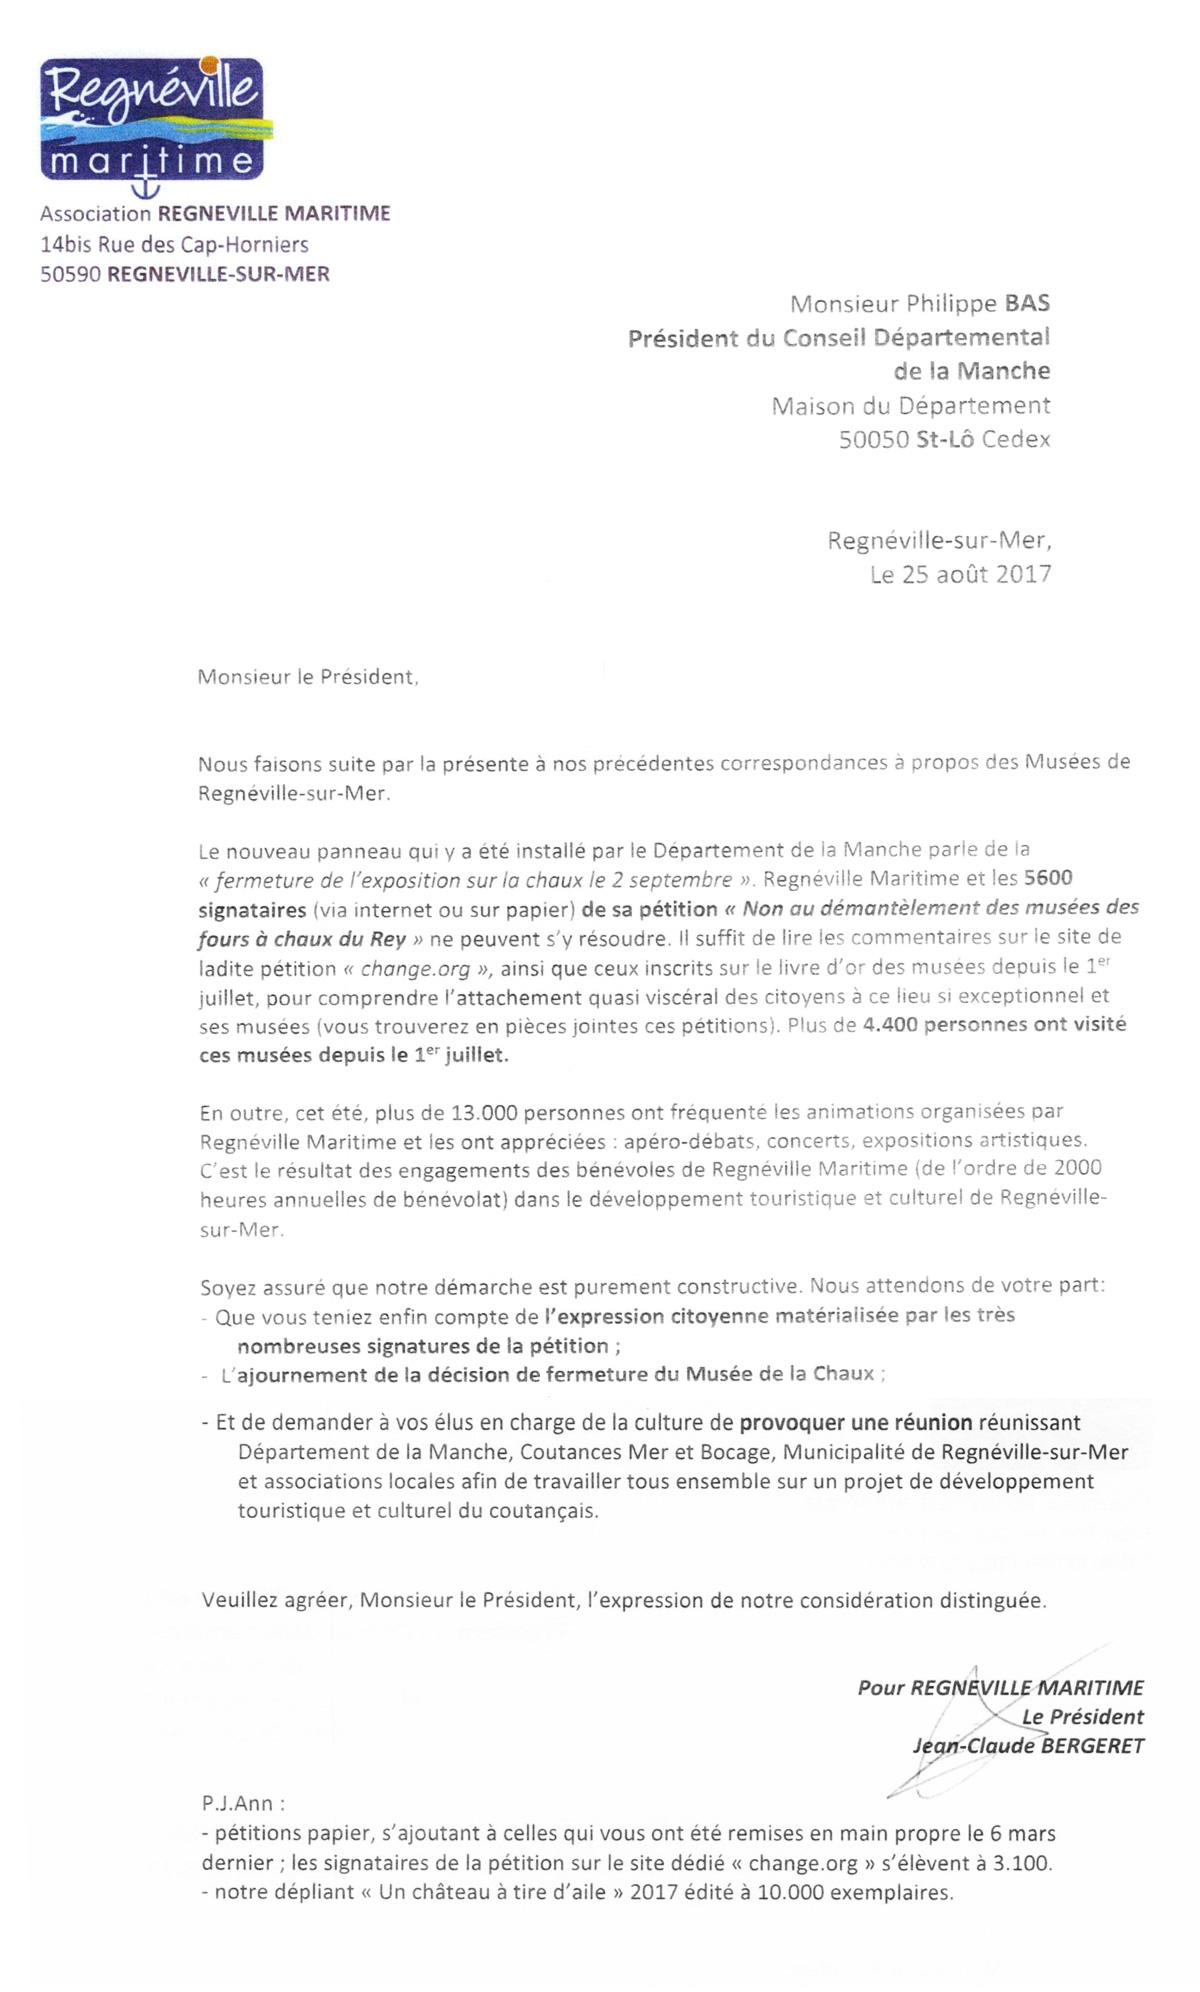 lettre-aout-2017